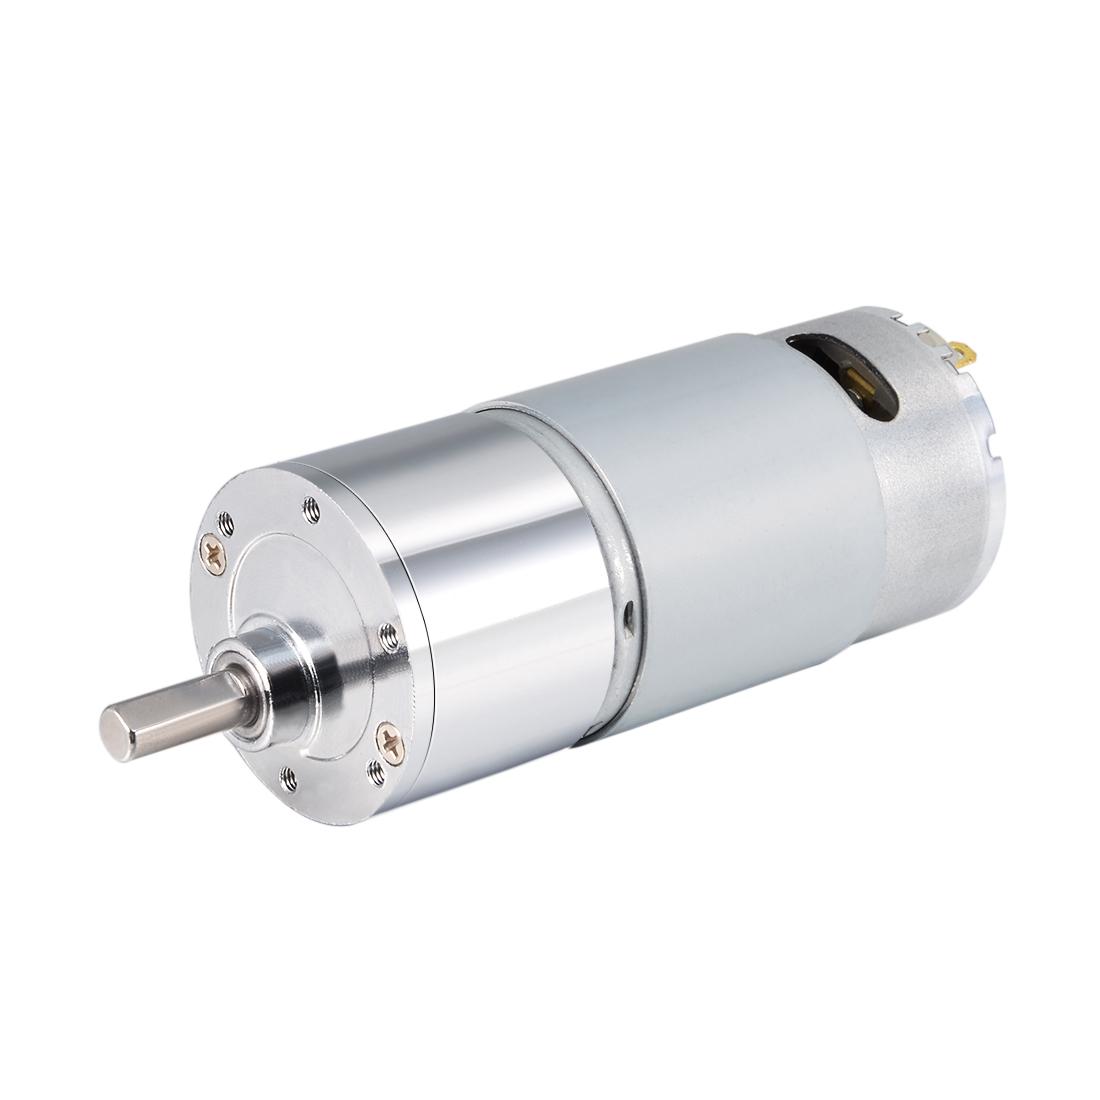 12V DC 300 RPM Gear Motor High Torque Reduce Gearbox Eccentric Output D Shaft